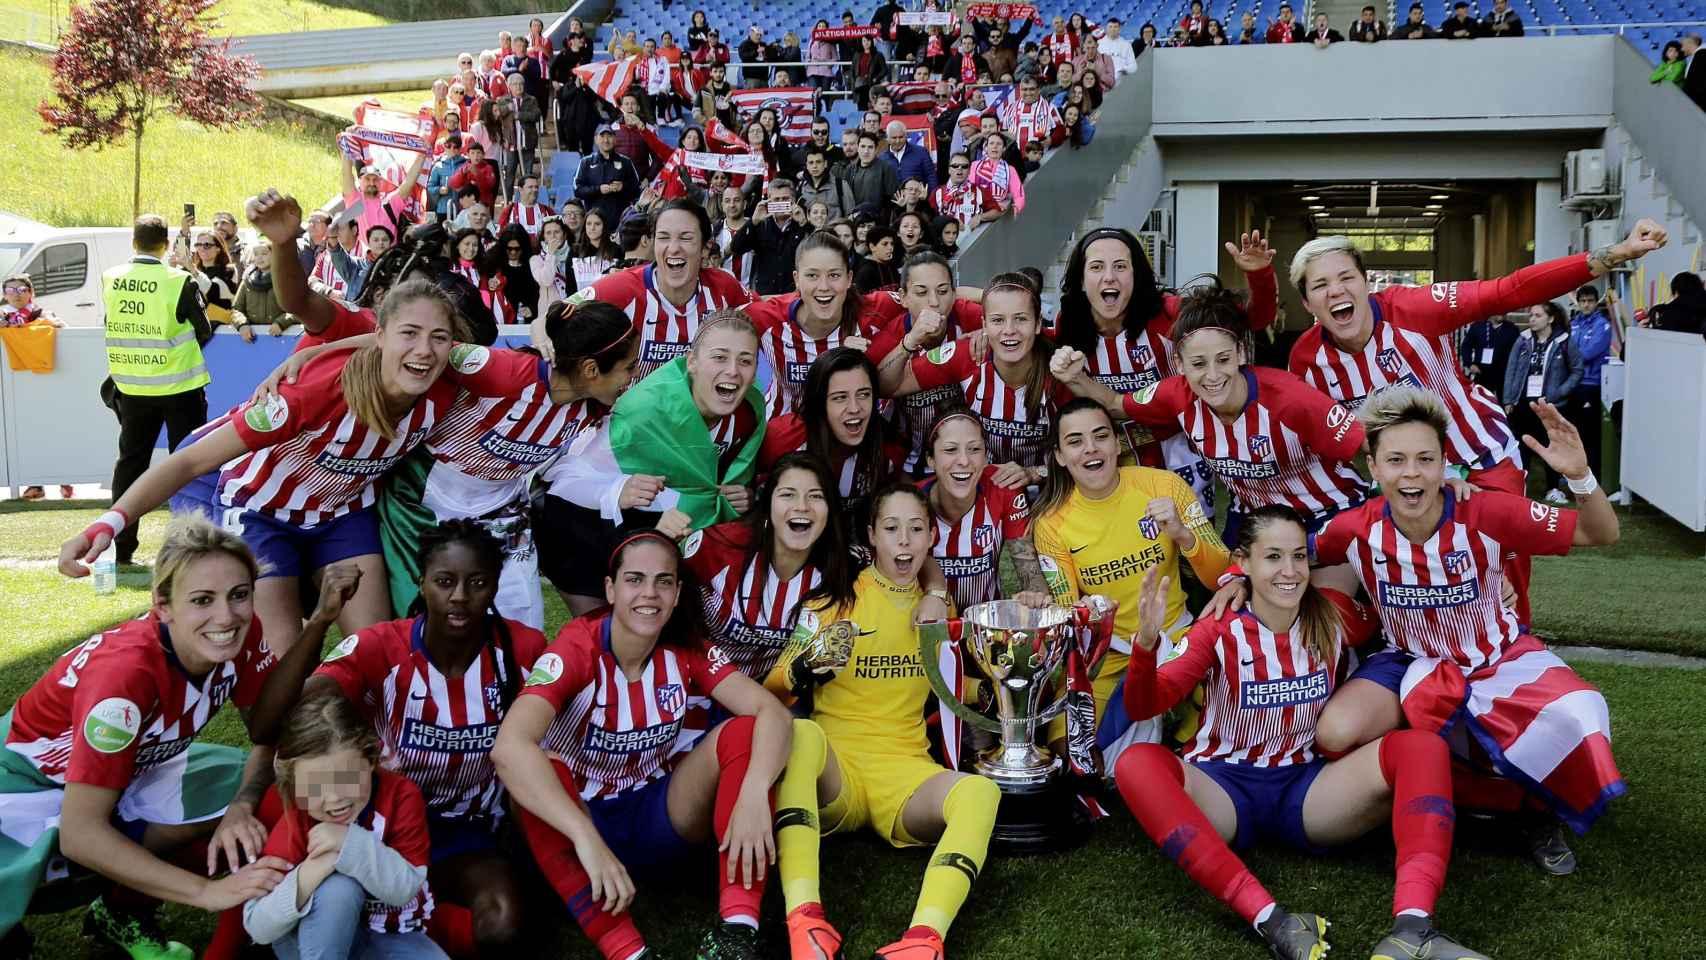 Las jugadoras del Atlético de Madrid celebran el campeonato de La Liga Iberdrola